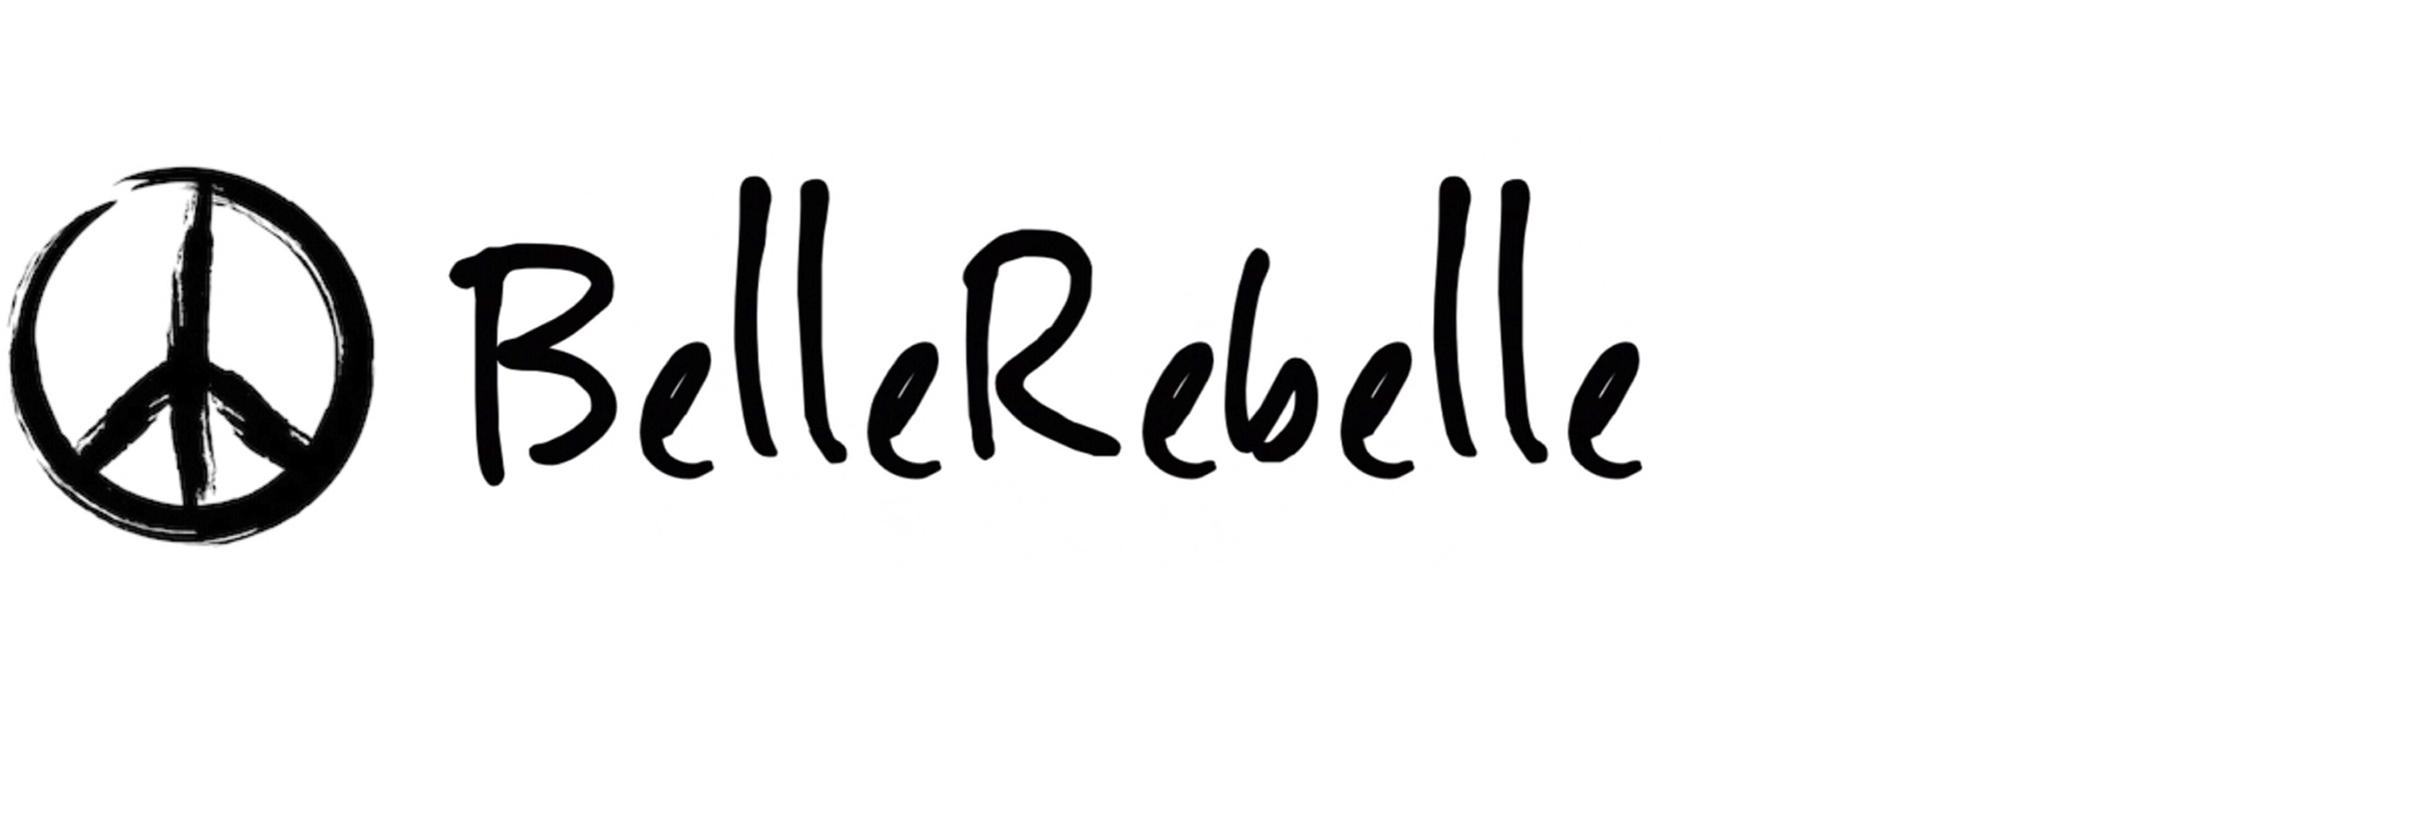 BelleRebelle